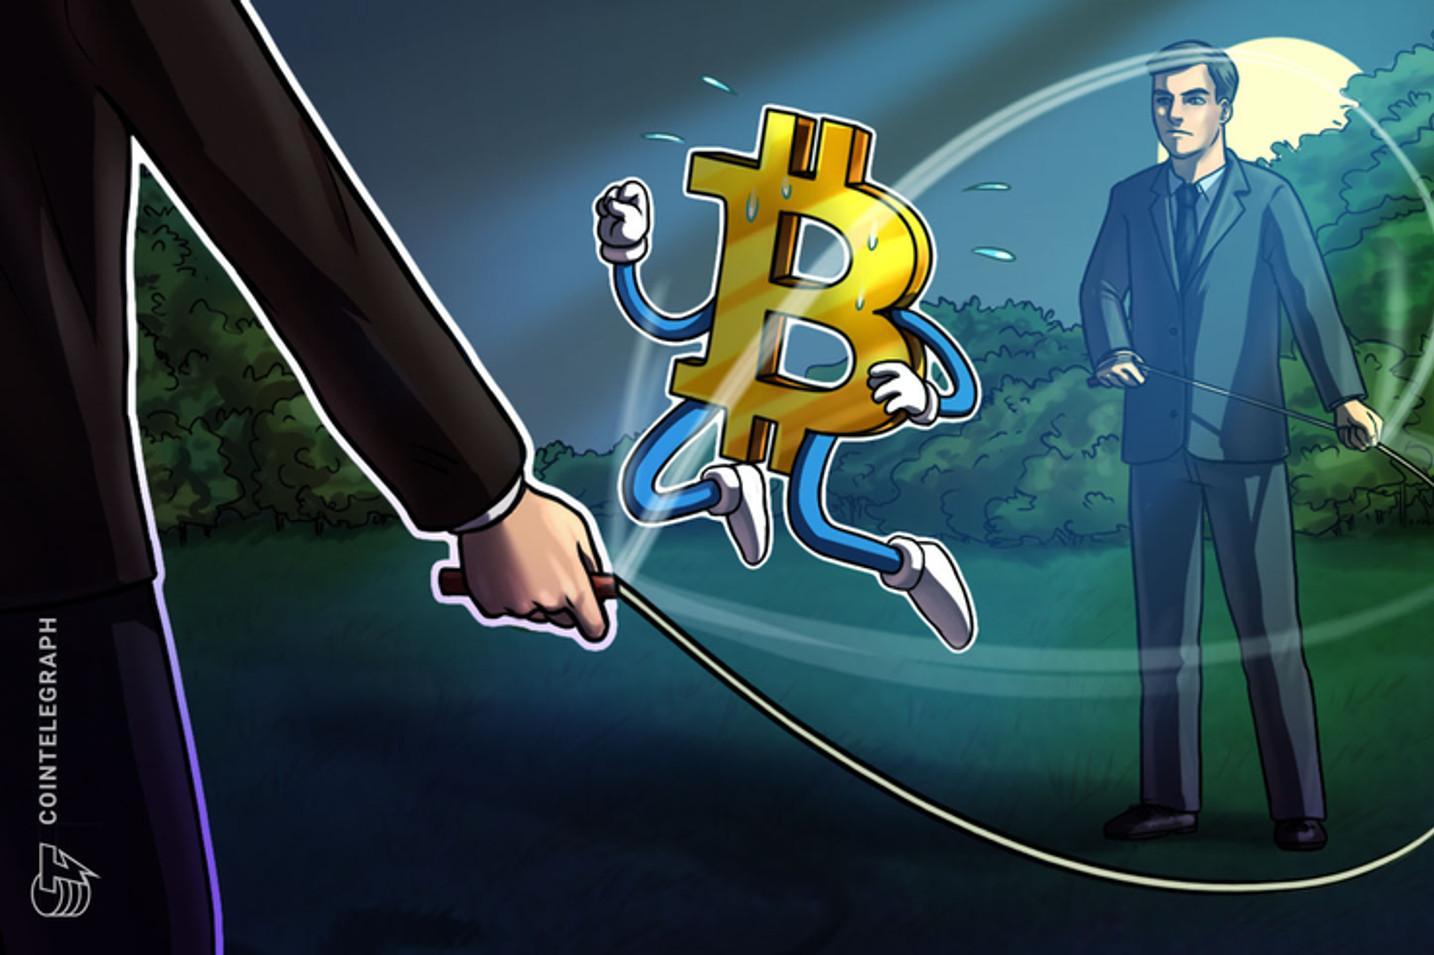 Bitcoin cai mais 6% e desvalorização já chega a mais de 20% em 48 horas; 'US$ 7.337 é ponto-chave', aponta trader